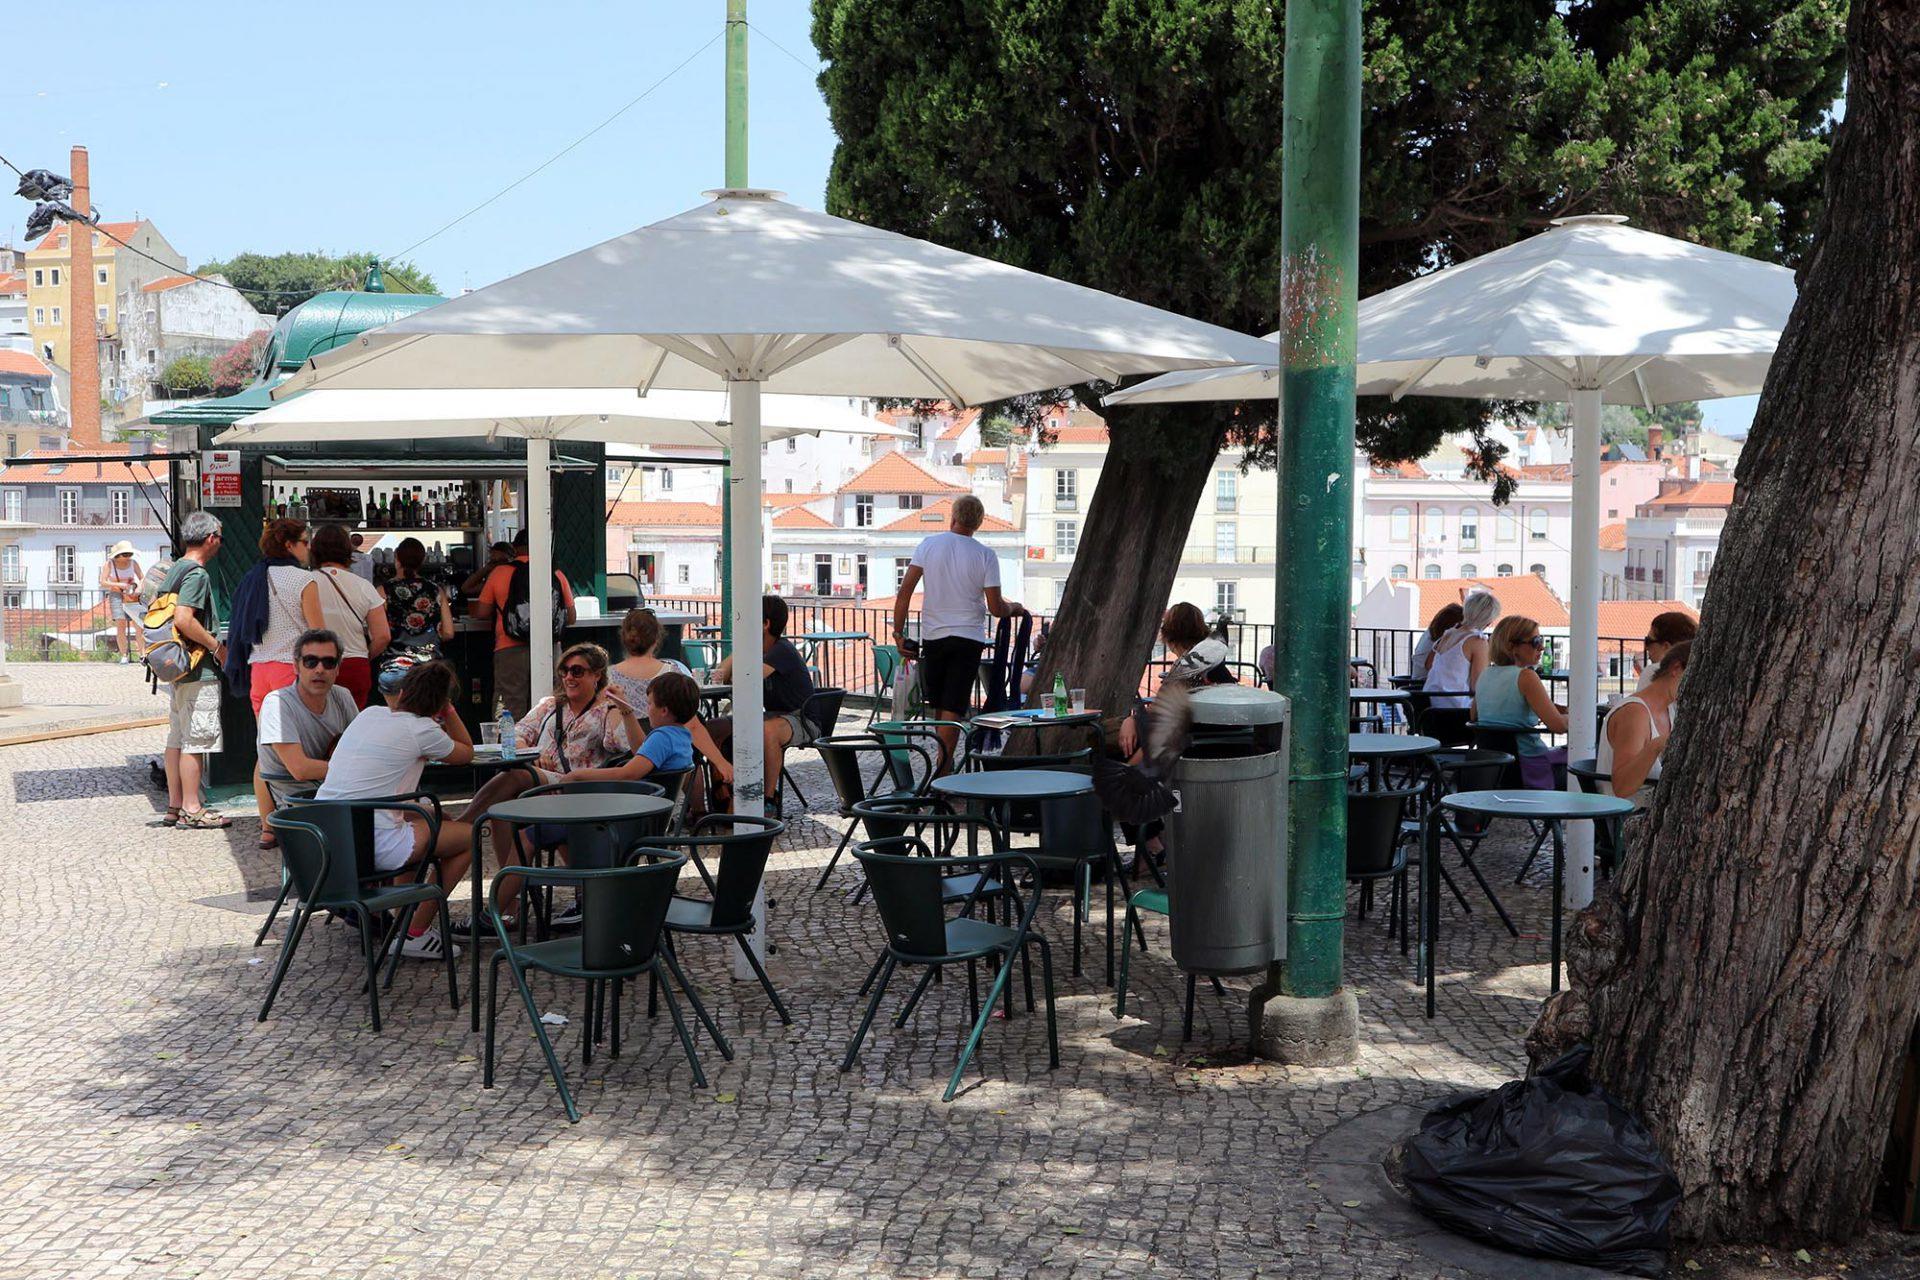 Portas do Sol. Vor den kleinen Pavillons befindet sich häufig eine reich bestuhlte Terrasse.